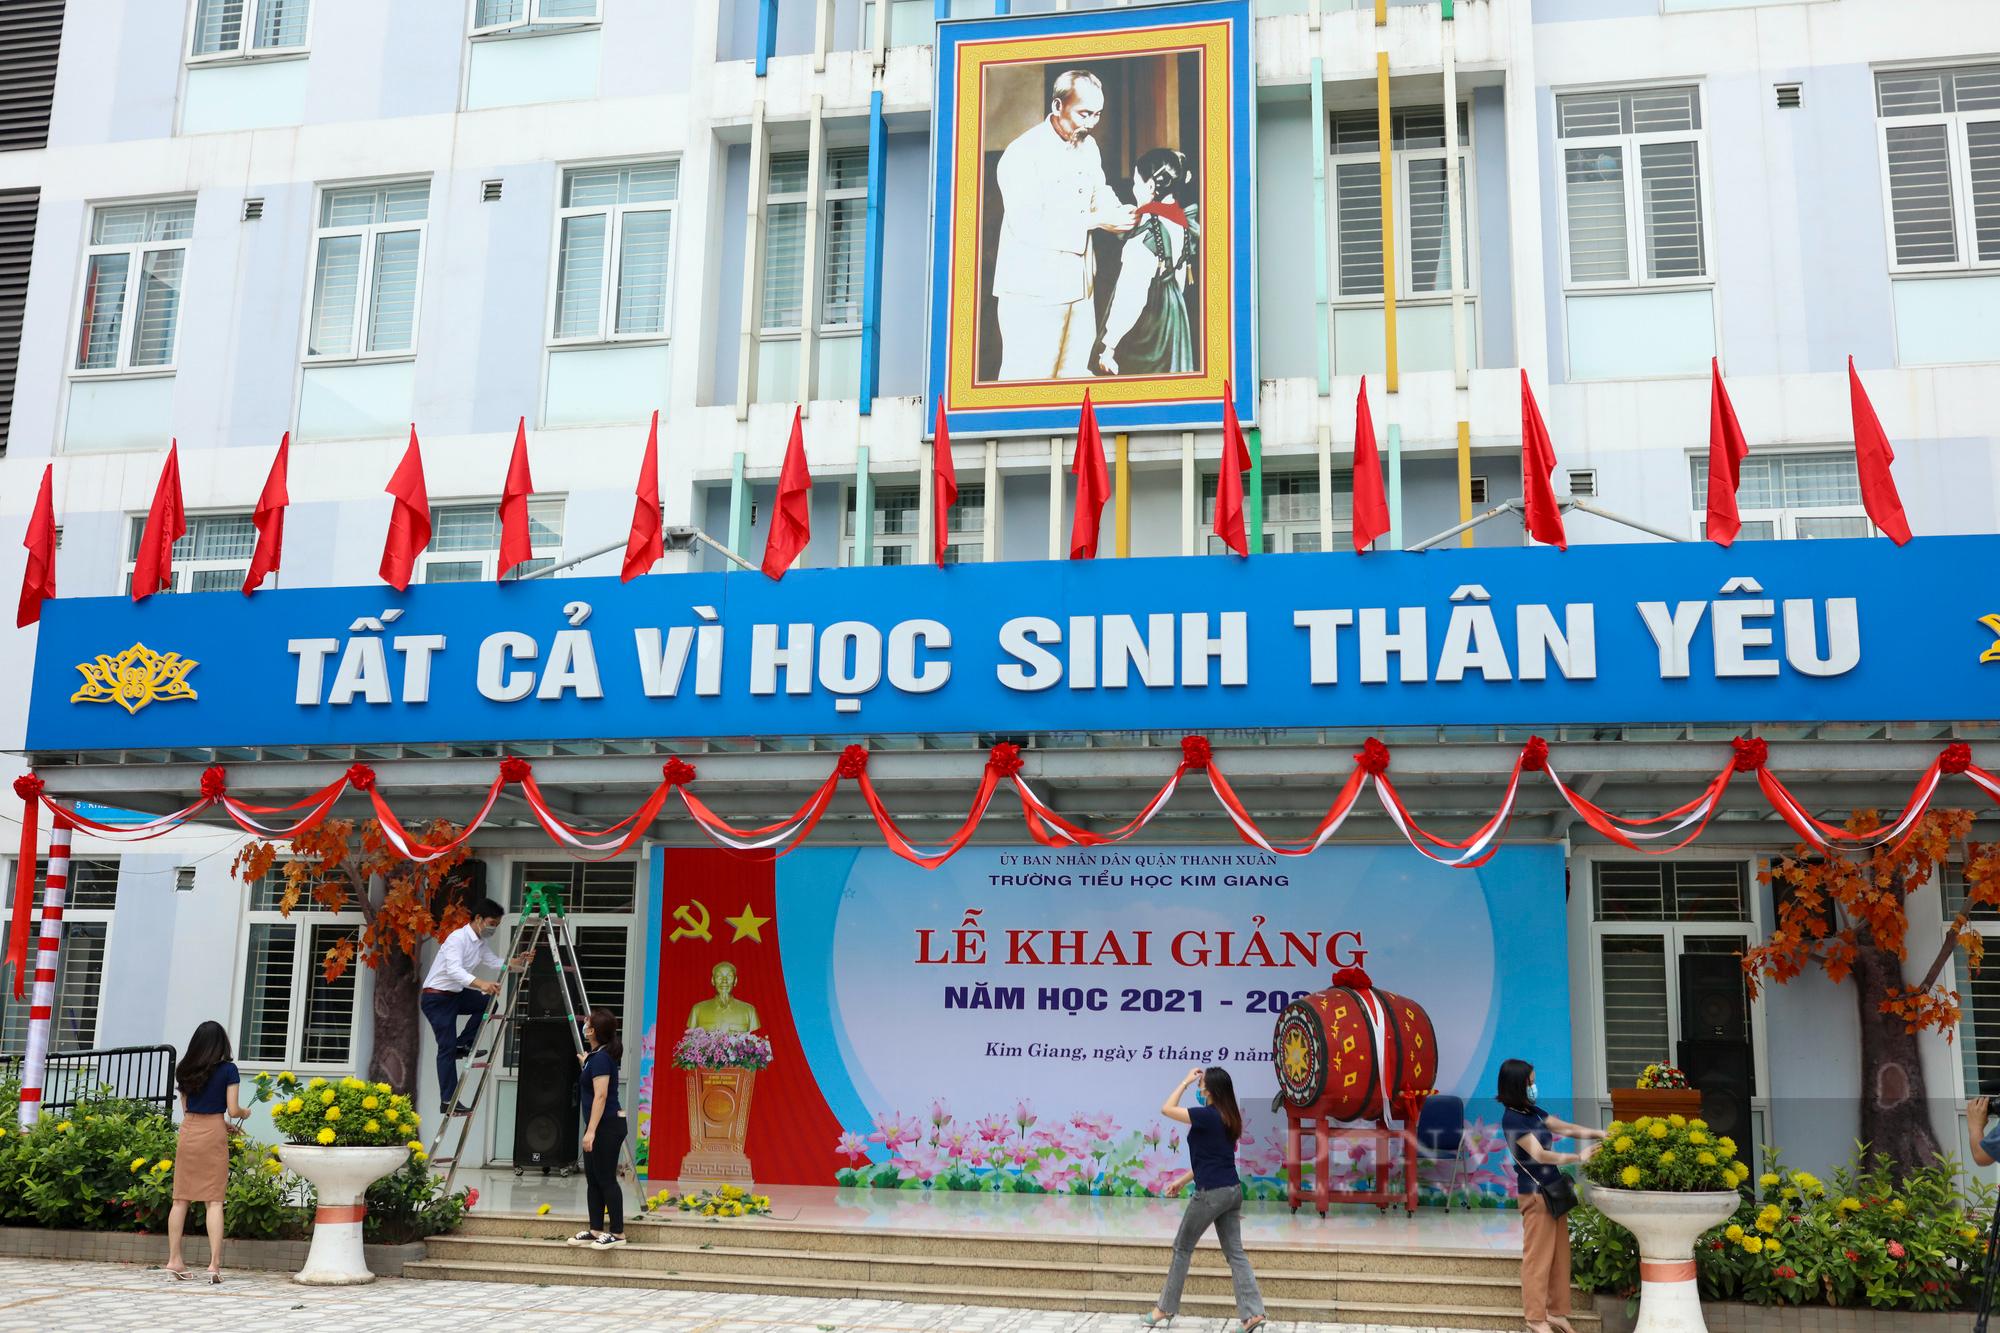 Hà Nội: Gấp rút chuẩn bị cho Lễ khai giảng online đặc biệt của Thủ đô - Ảnh 14.